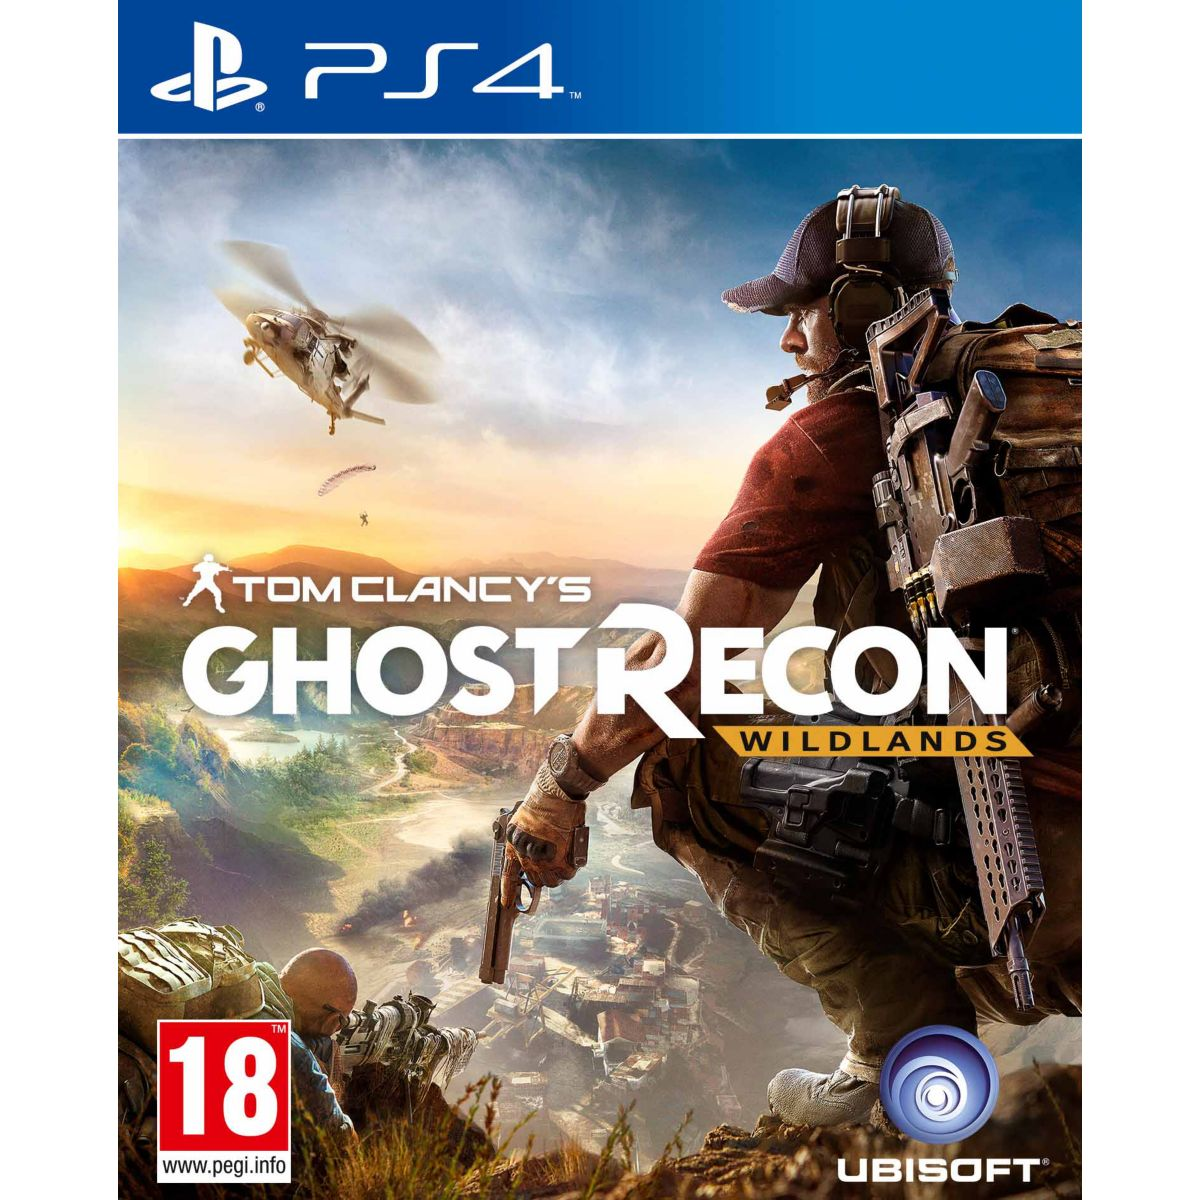 Jeu PS4 UBISOFT Ghost Recon Wildlands